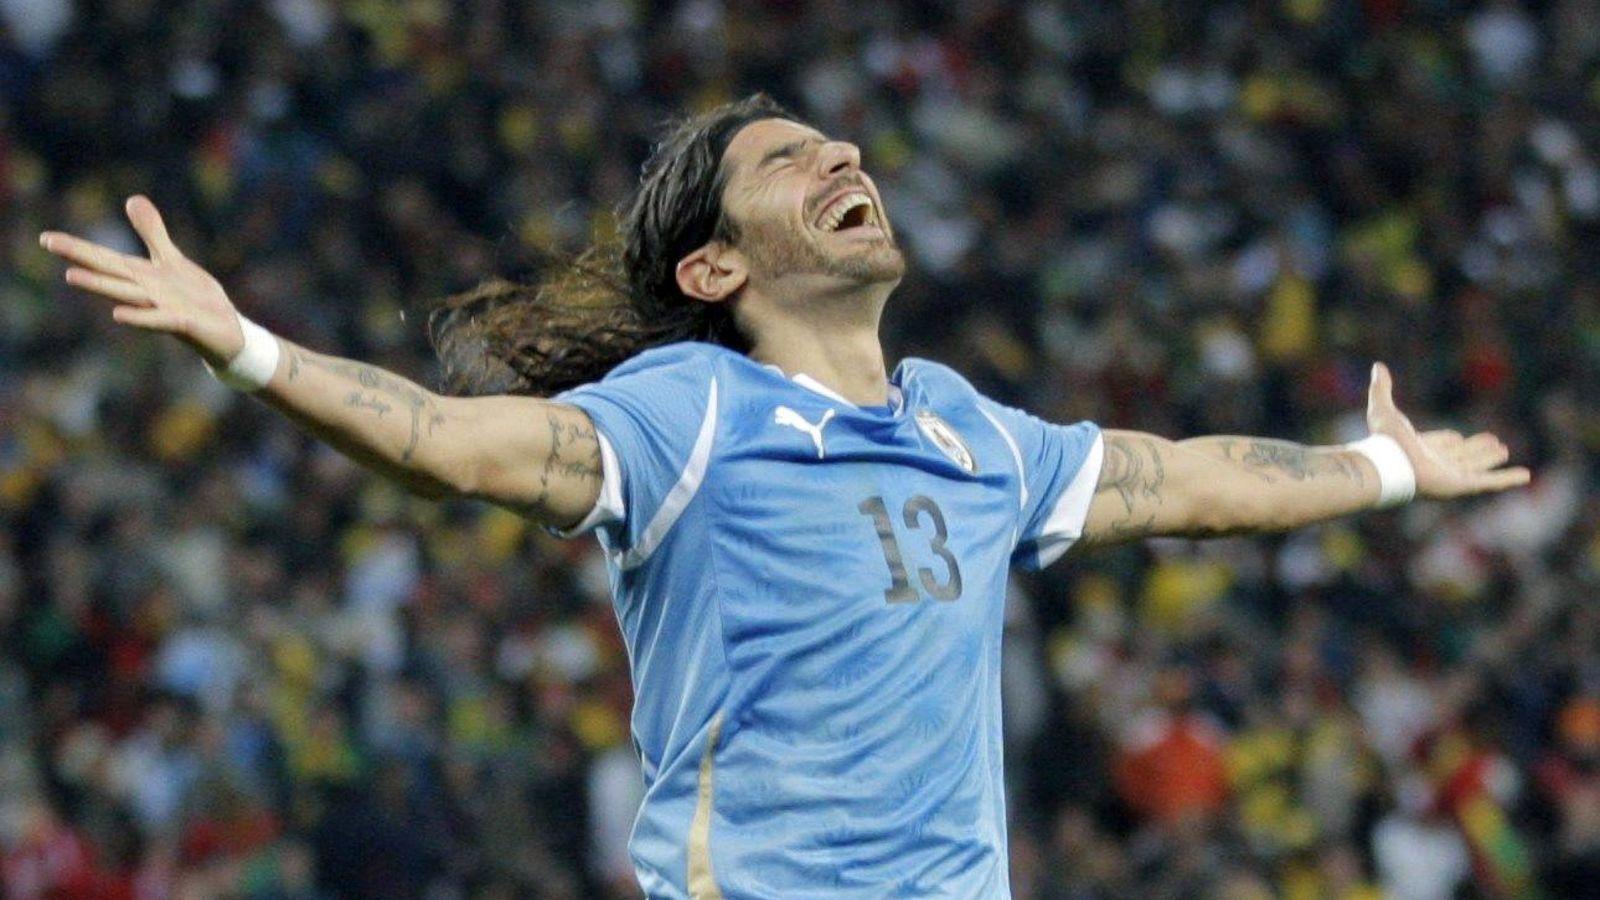 Футболист чилийской команды кинул стол восвиставших его фанатов